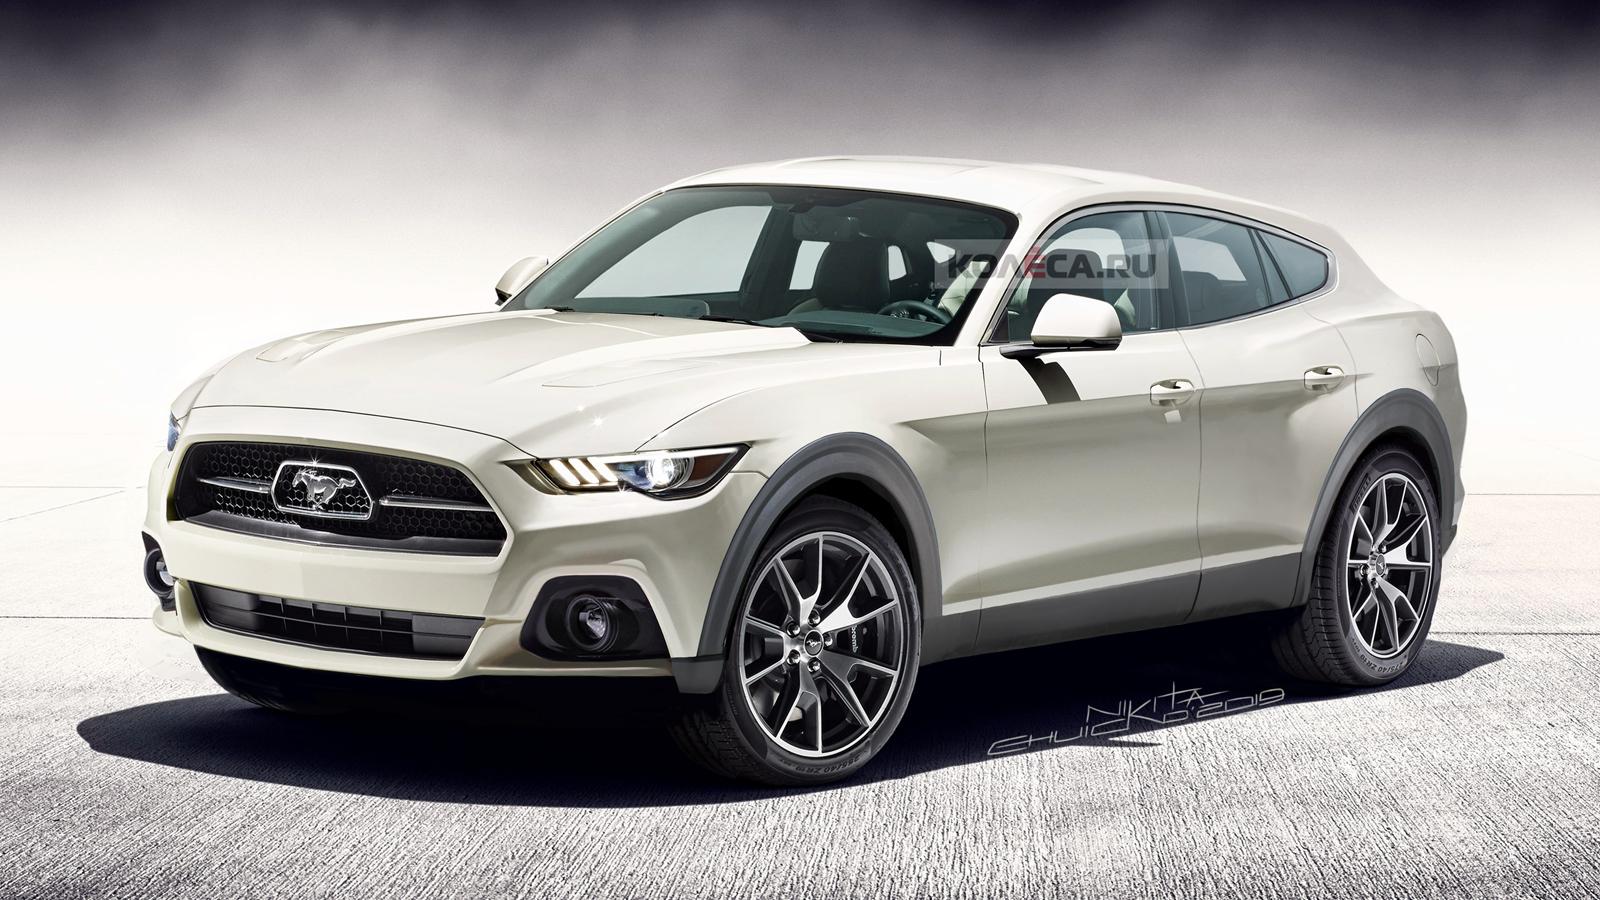 Вweb-сети представили рендеры кроссовера Форд Mustang